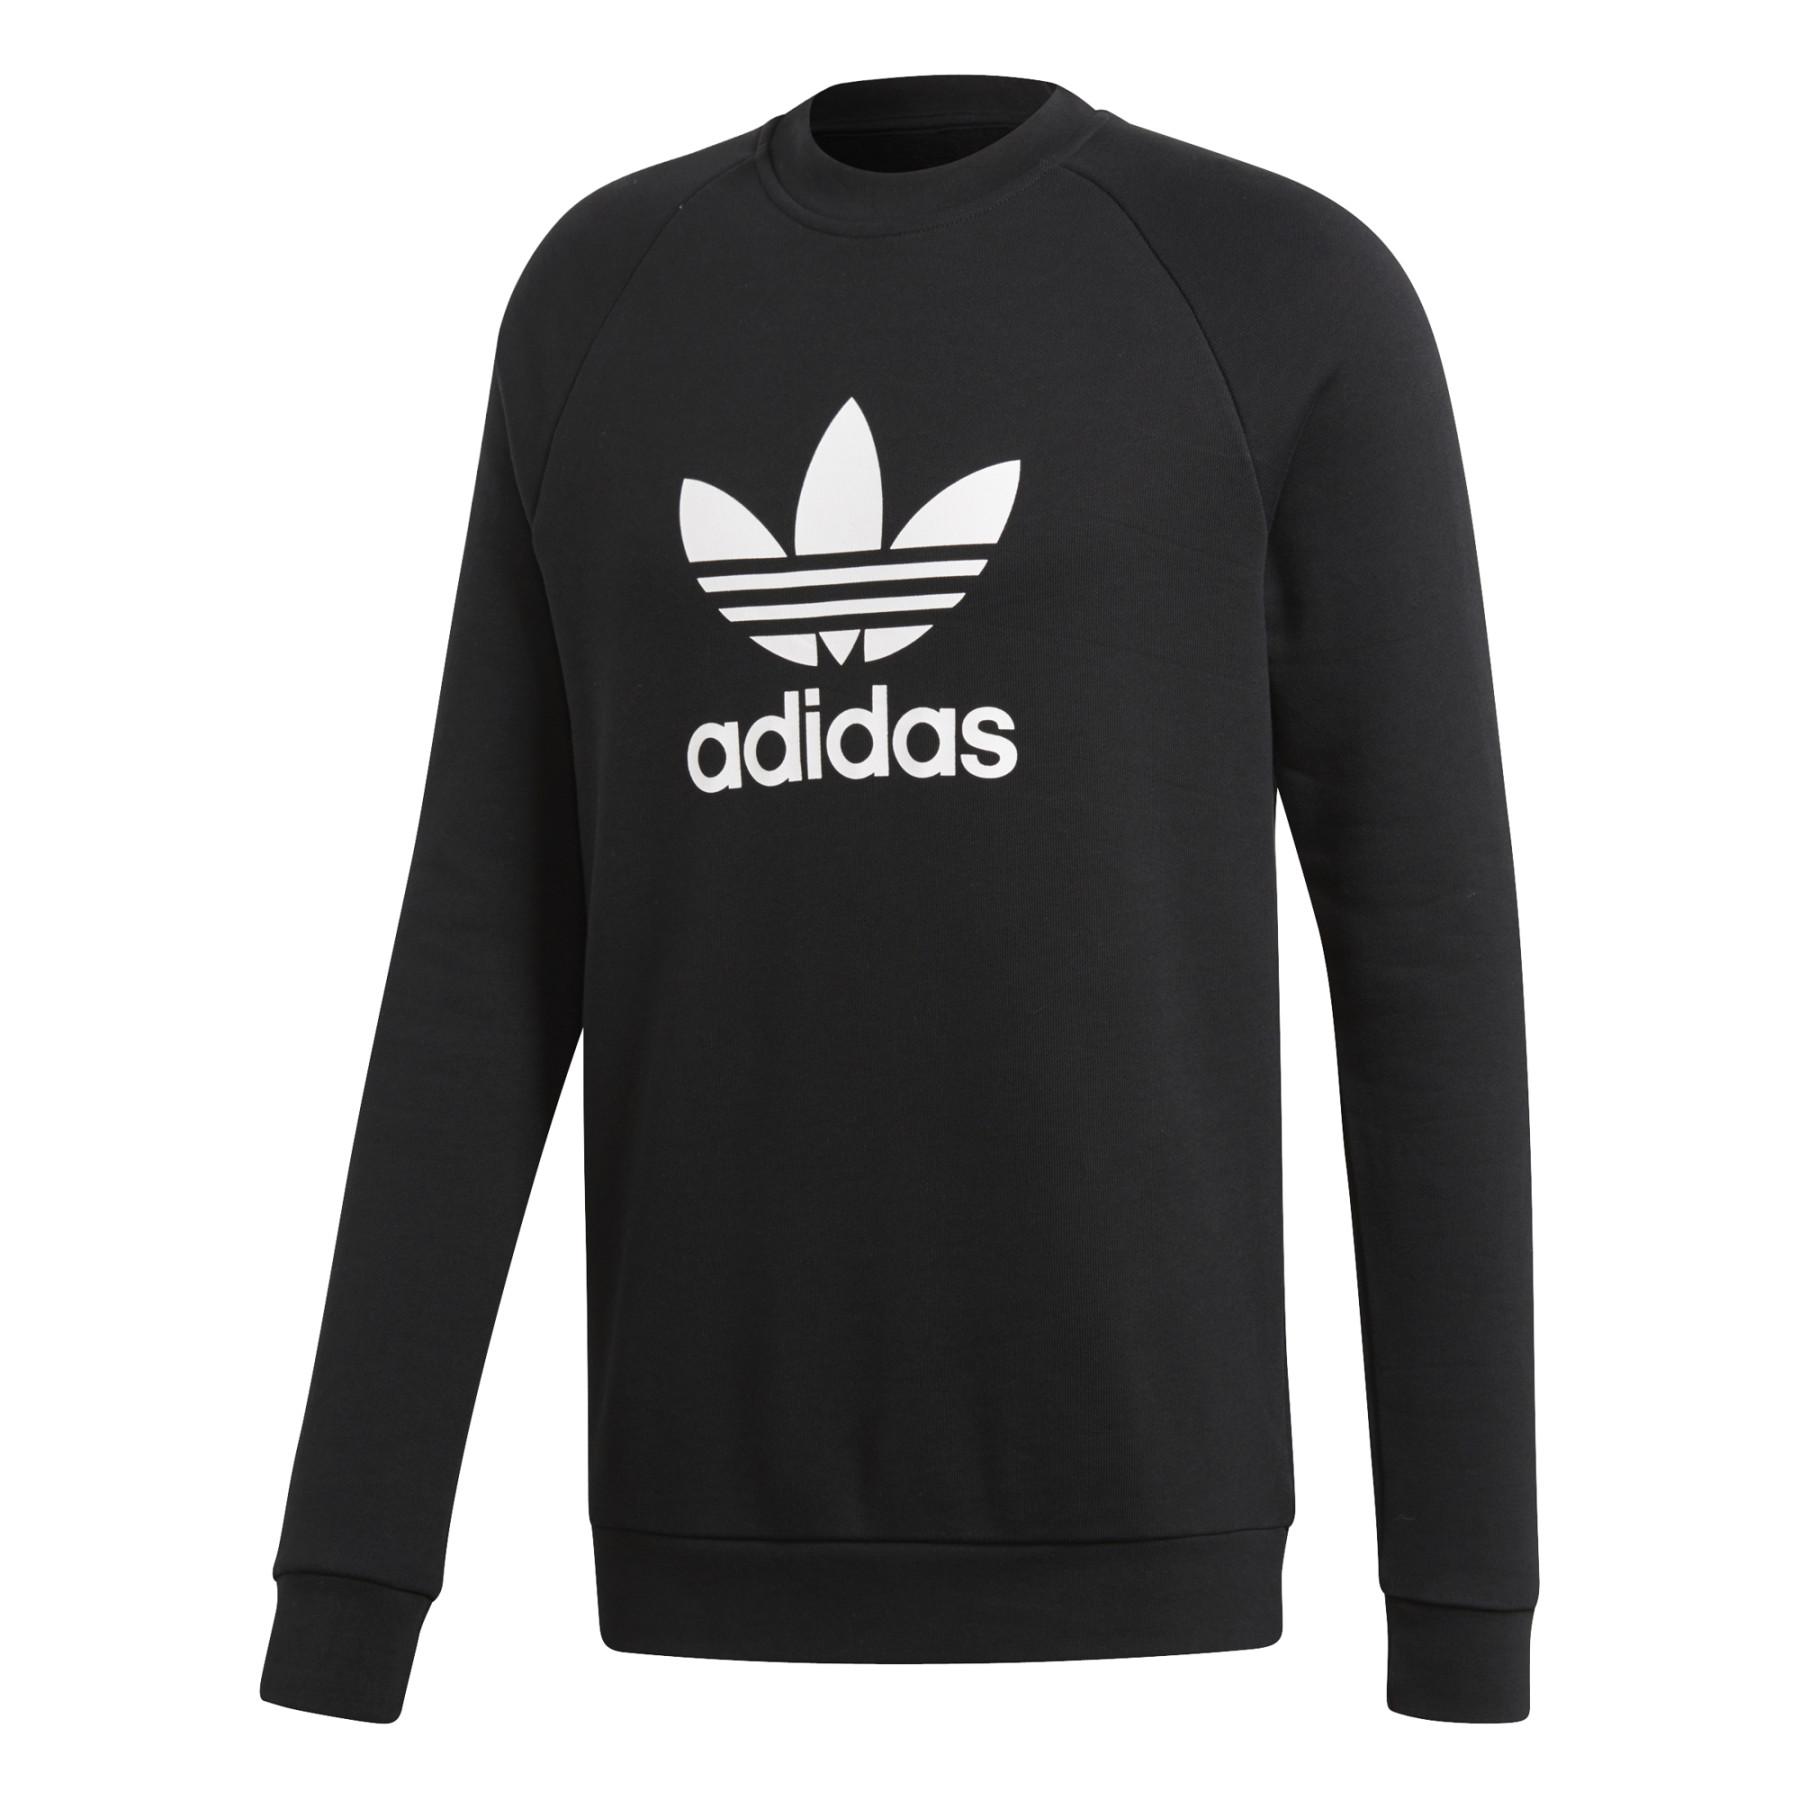 Sweatshirt adidas Trefoil logo Warm.